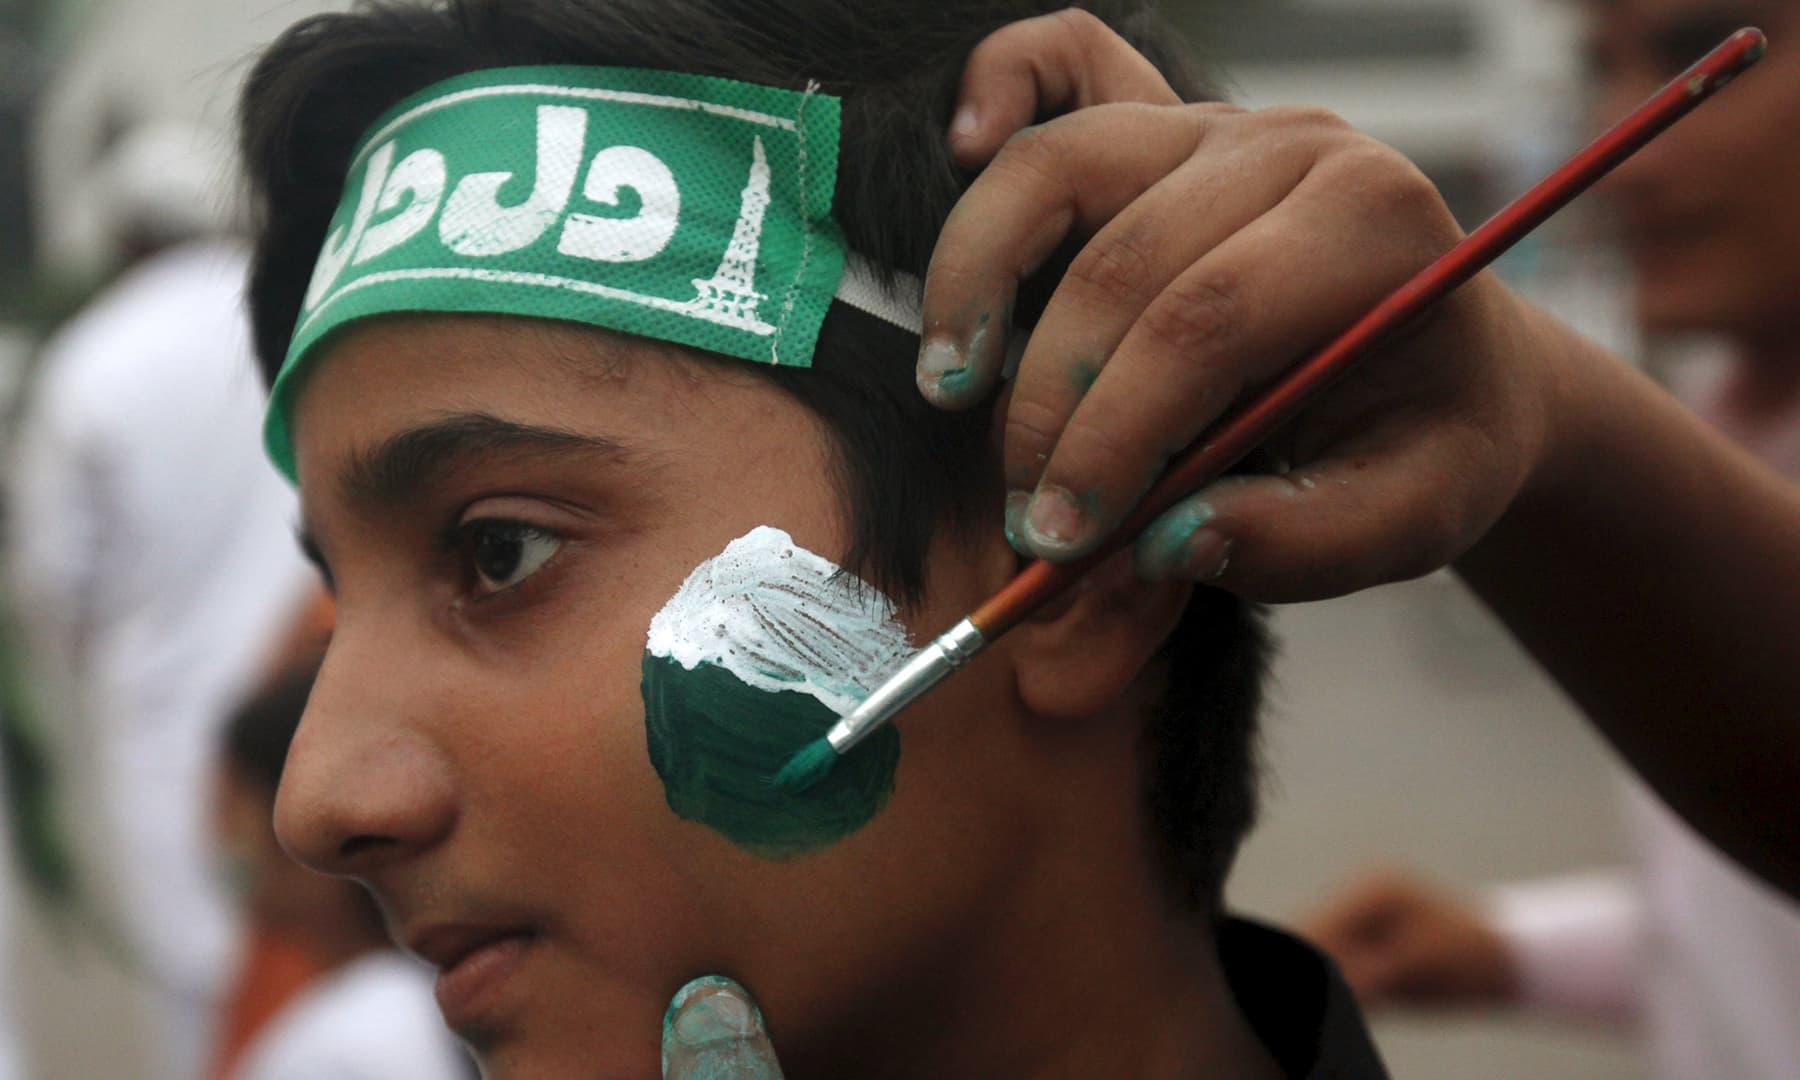 عوام نے 14 اگست کو منانے کے لیے طرح طرح کی تیاریاں کی اور چہرے پر ہرے سفید رنگوں سے پاکستانی پرچم بنایا — فوٹو رائٹرز